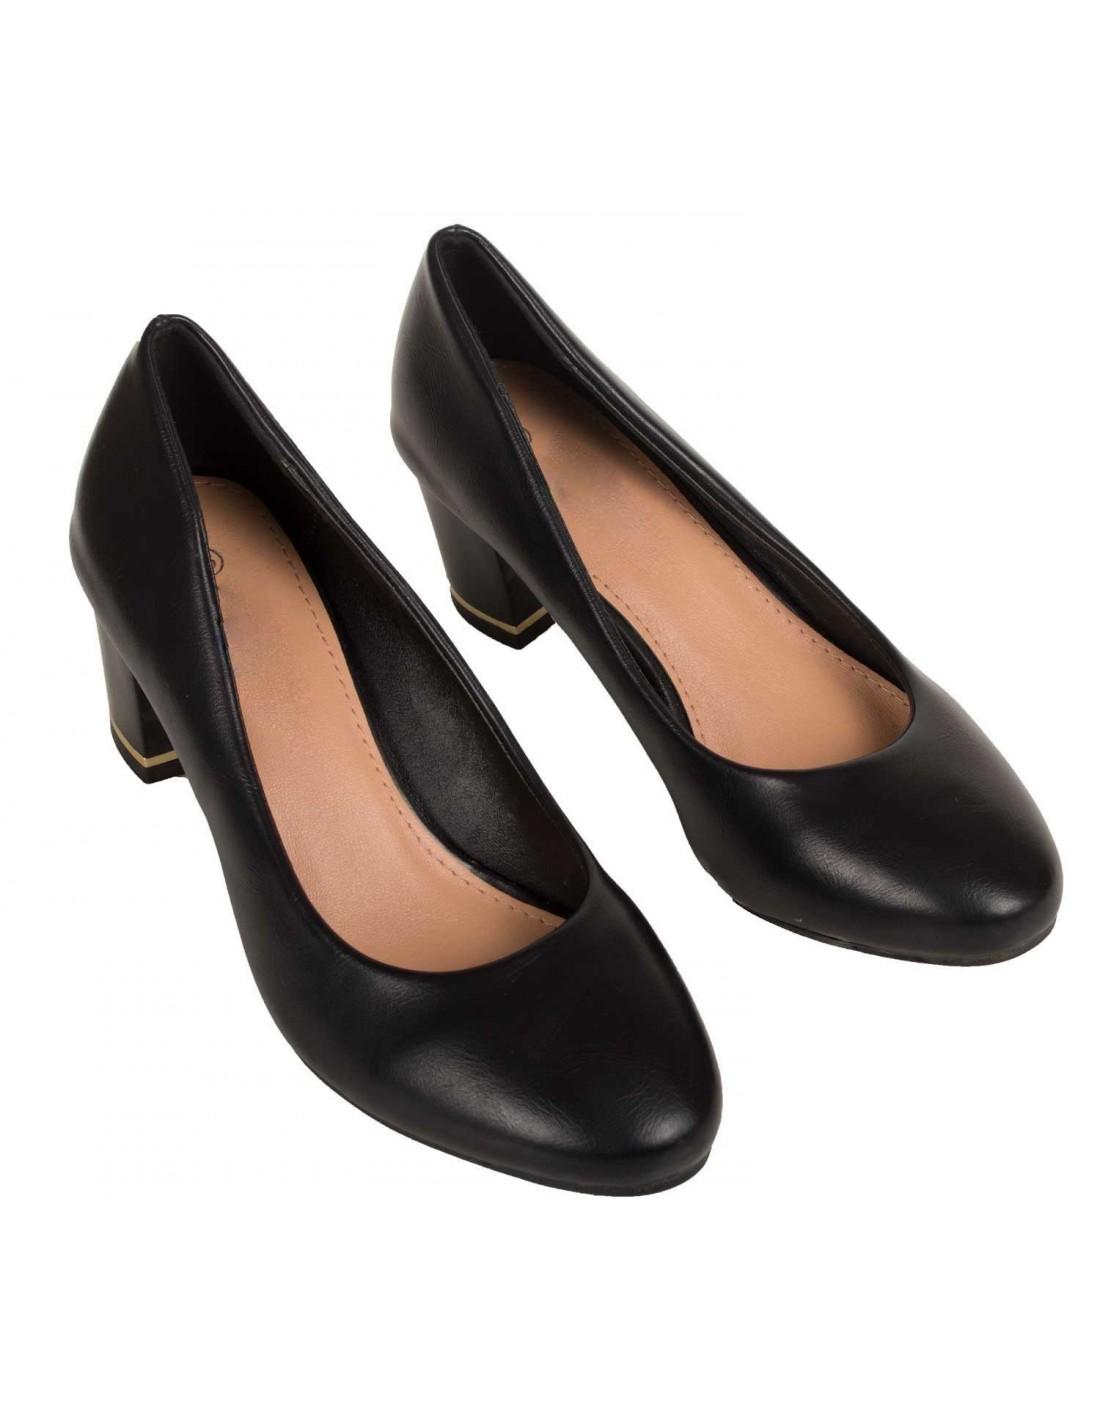 escarpins noir bout rond simili cuir petit talon carr. Black Bedroom Furniture Sets. Home Design Ideas